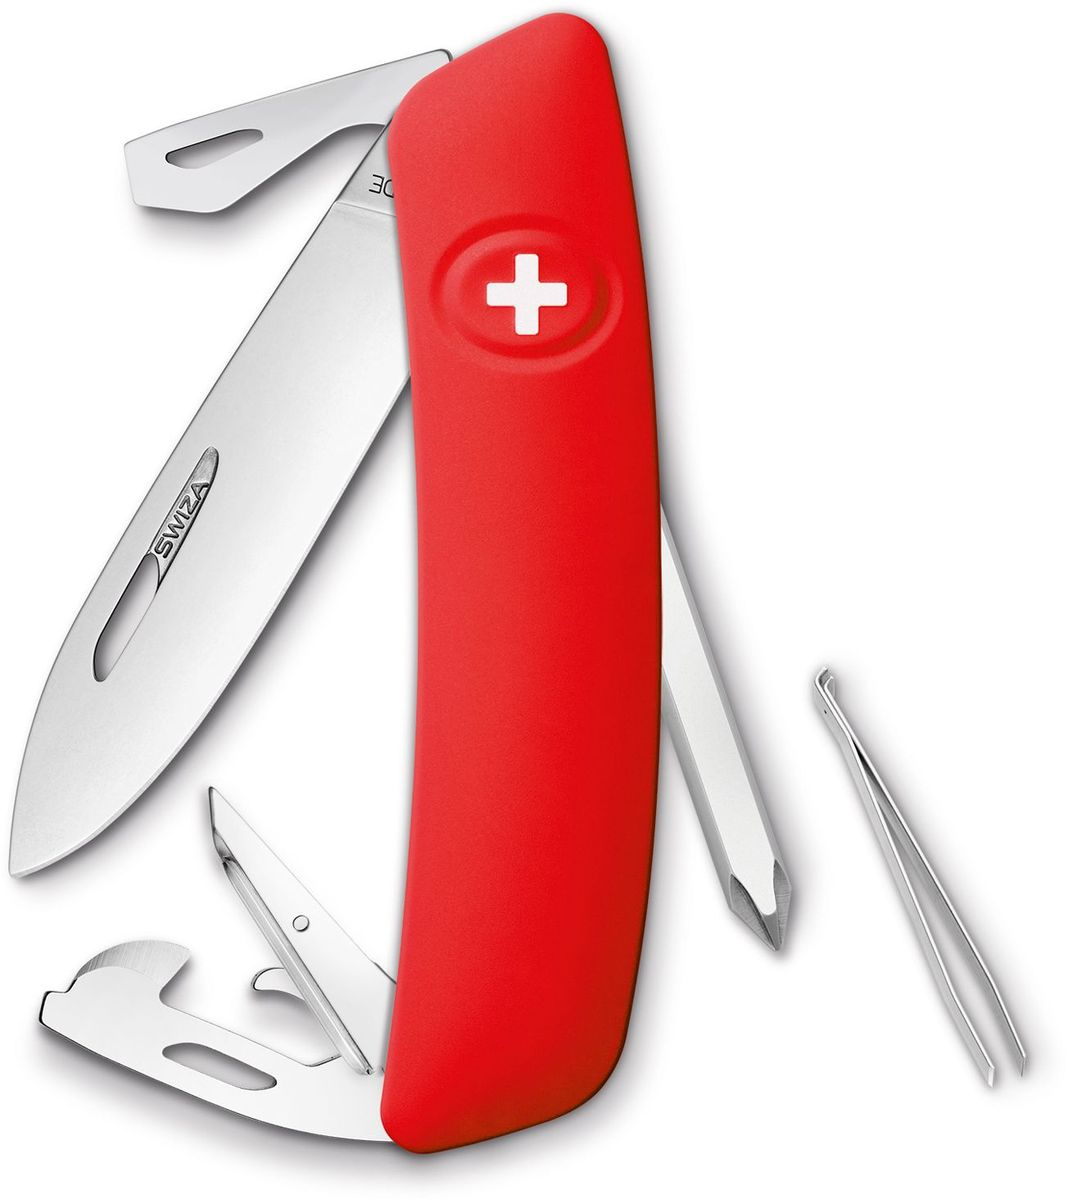 Нож швейцарский SWIZA D04, цвет: красный, длина клинка 7,5 смM-sizeШвейцарский нож (SWIZA D04) с его революционной формой и безопасной рукояткой, легко раскладываемой ручкой - самый удобный и простой в использовании швейцарский нож на все времена. Эргономично изогнутая форма ножа обеспечивает более легкий доступ к инструментам, а пазы позволяют легко их открывать, как левой, так и правой рукой.1. нож перочинный, 2. отвертка Phillips , 3. ример/дырокол 4. шило, 5. безопасная блокировка лезвий, 6. пинцет 7. консервный нож, 8 Wire Bender (для проволоки), 9 Отвертка №1, 10. Отвертка №3, 11. Открывалка для бутылок